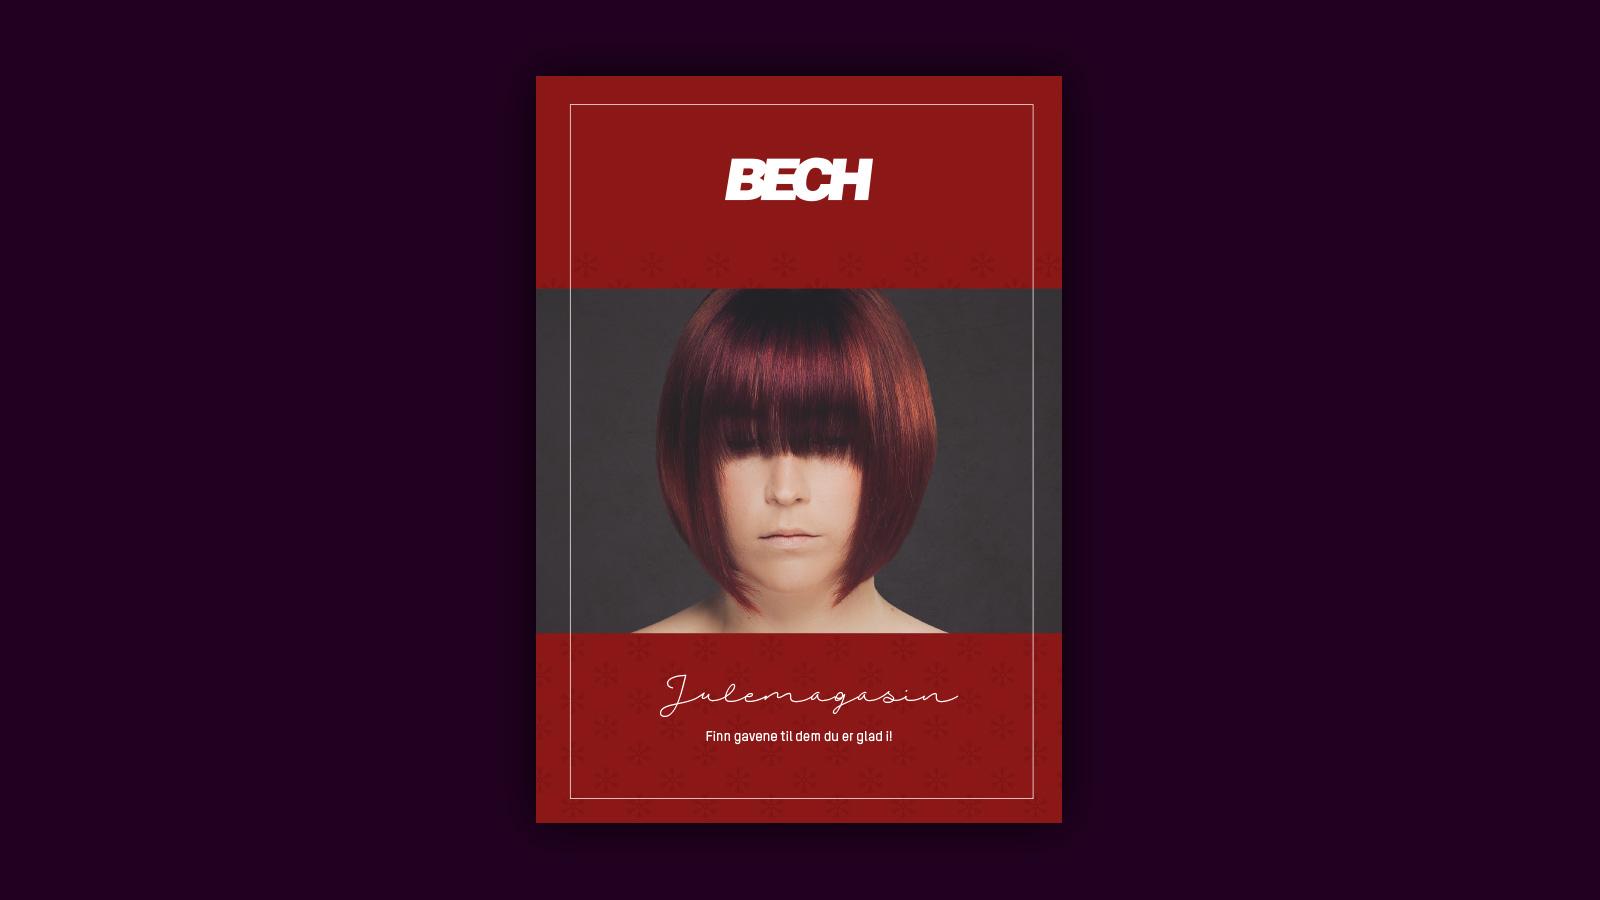 Bech - Julemagasin 2016